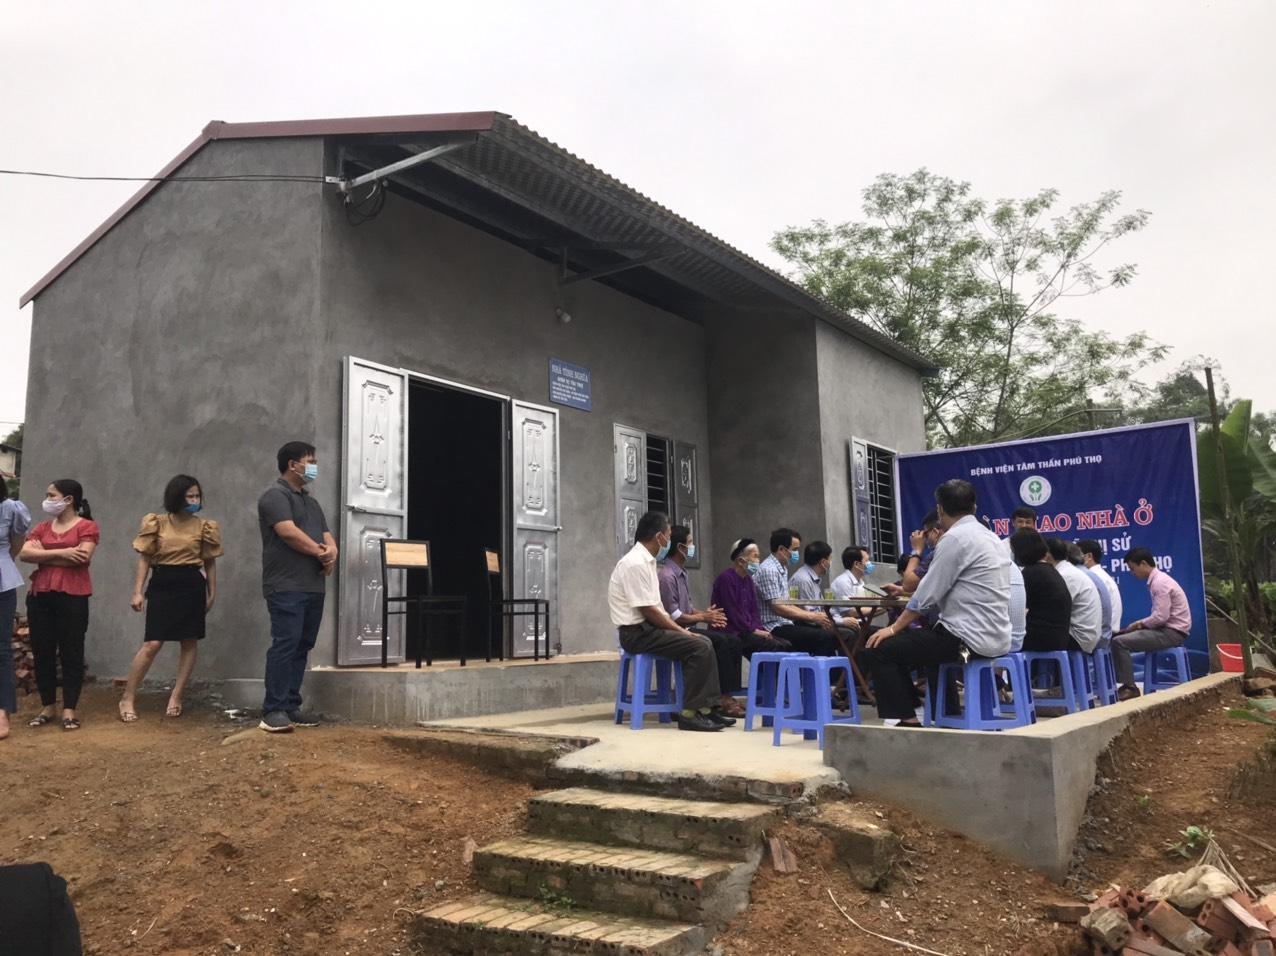 Ngôi nhà mới được xây dựng từ lòng hảo tâm của tập thể cán bộ y bác sỹ Bênh viện Tâm Thần tỉnh Phú Thọ.